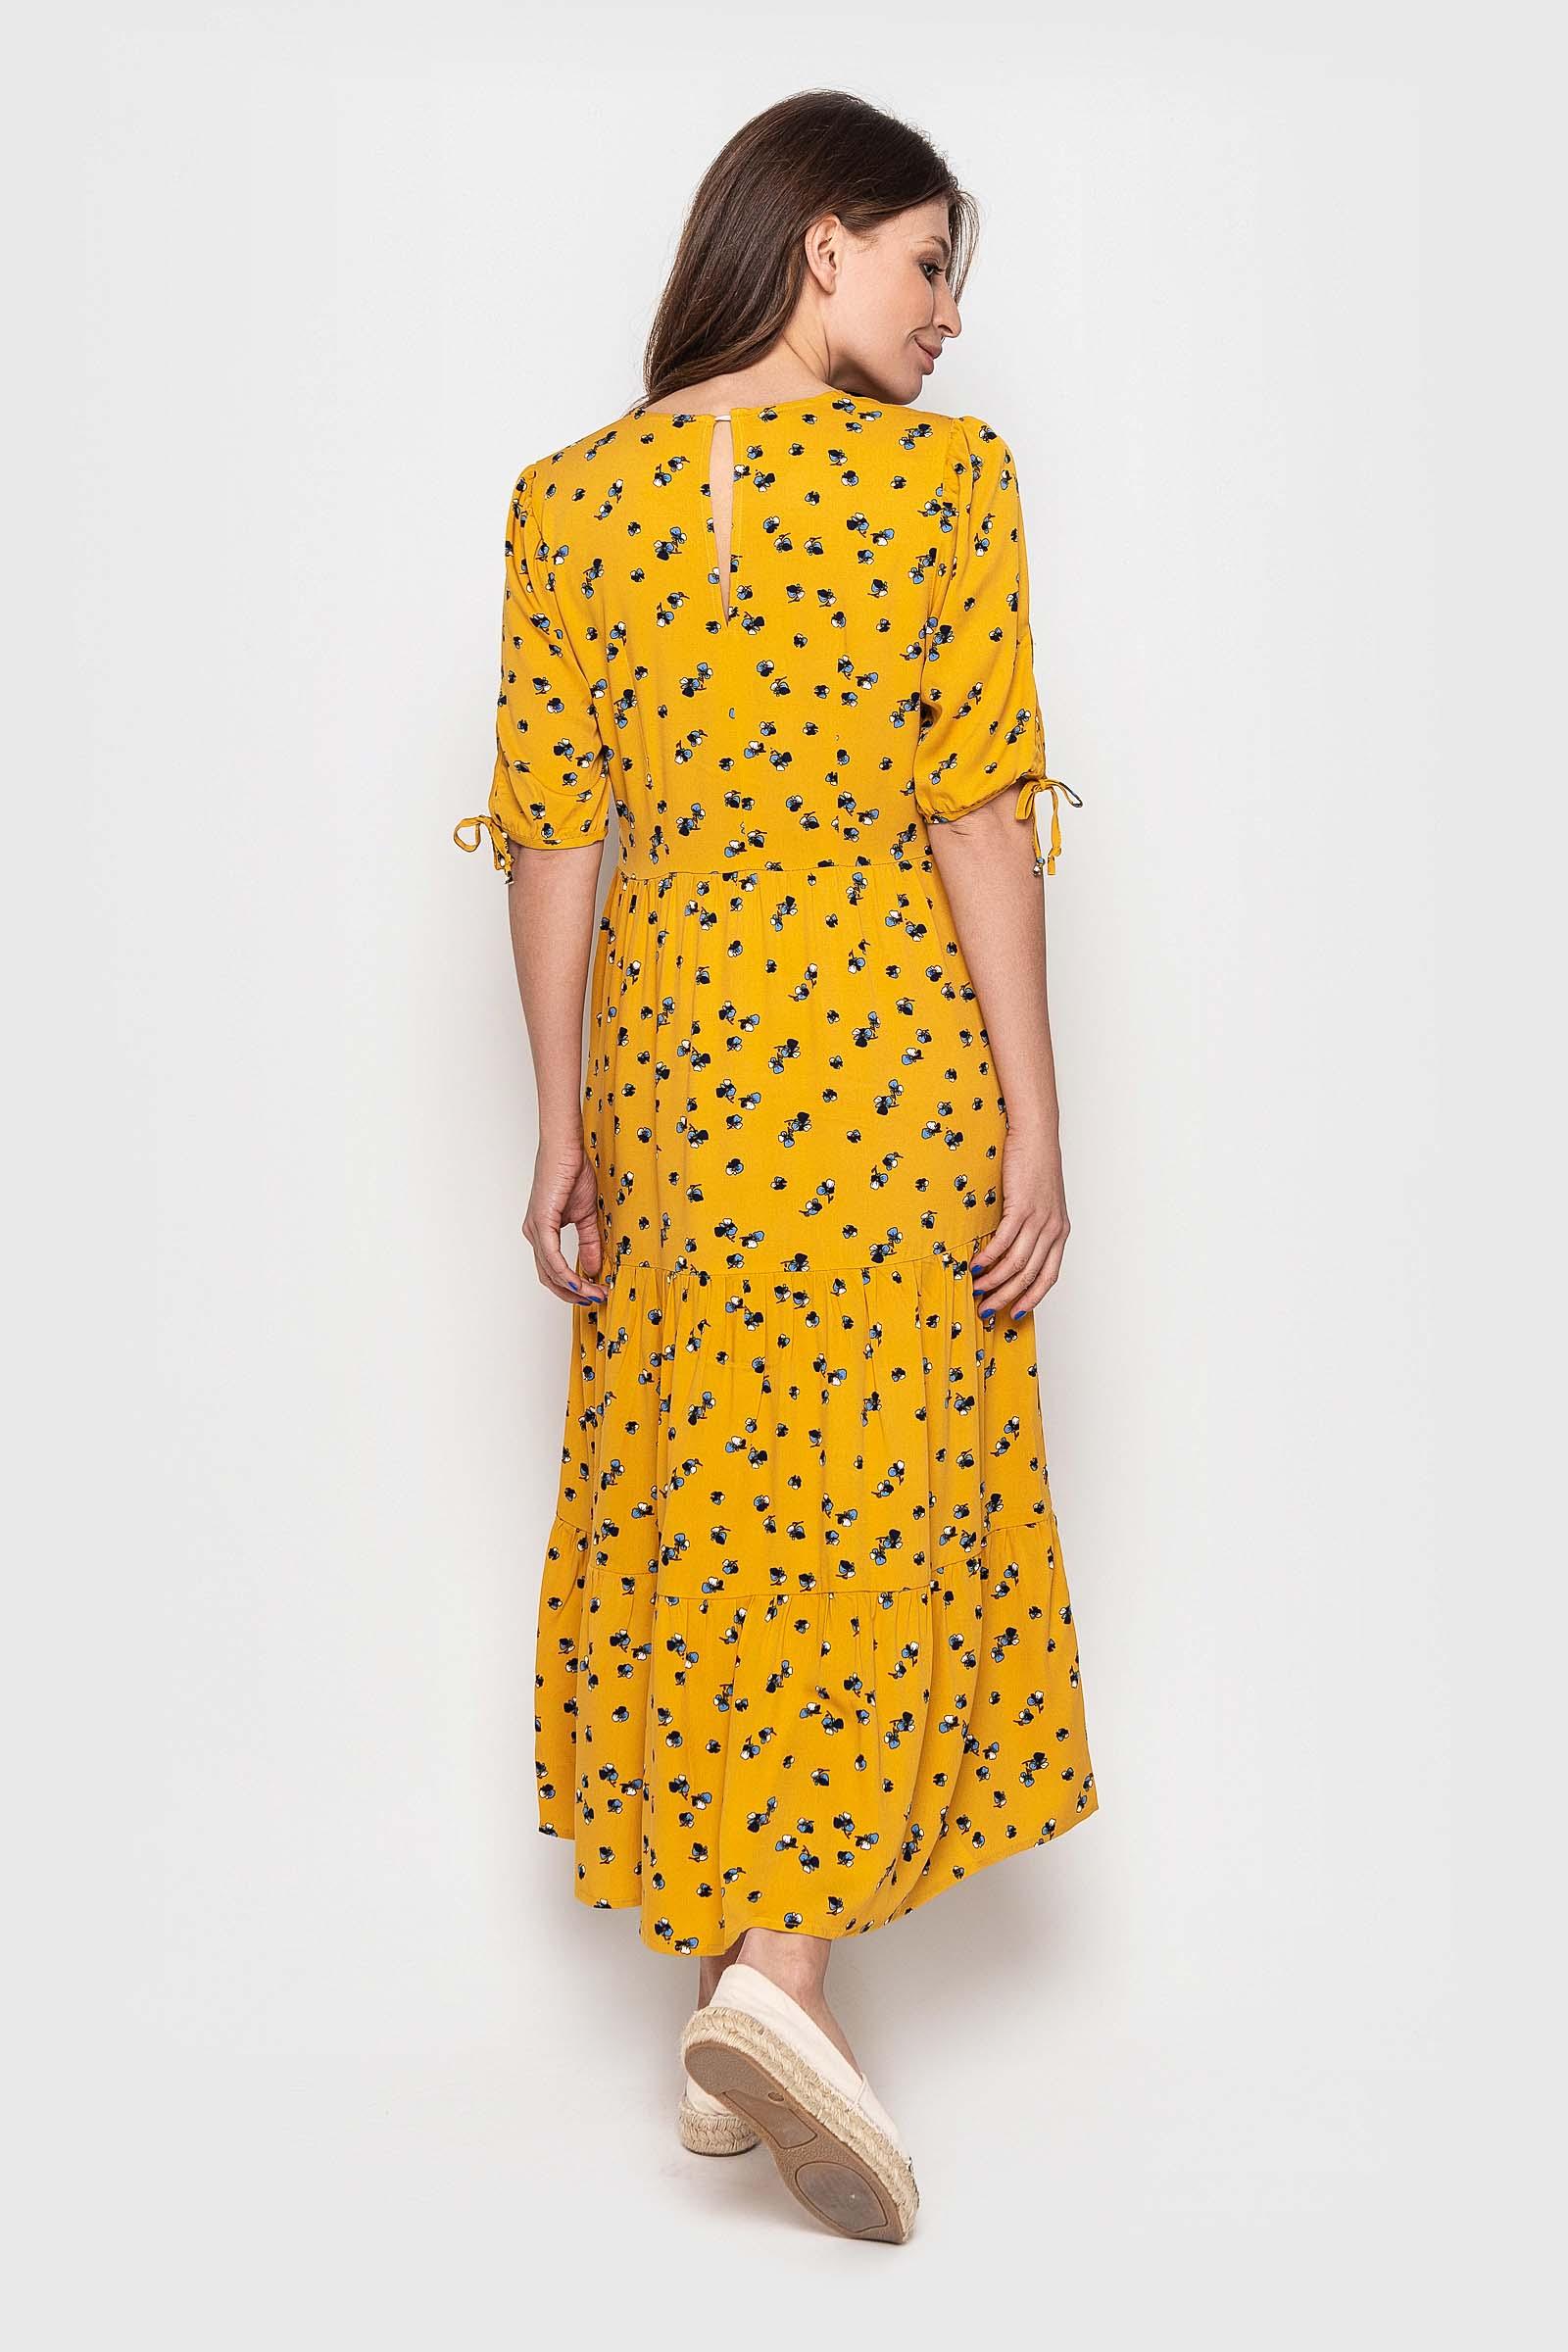 2021 04 10 poltava31955 Купить платье